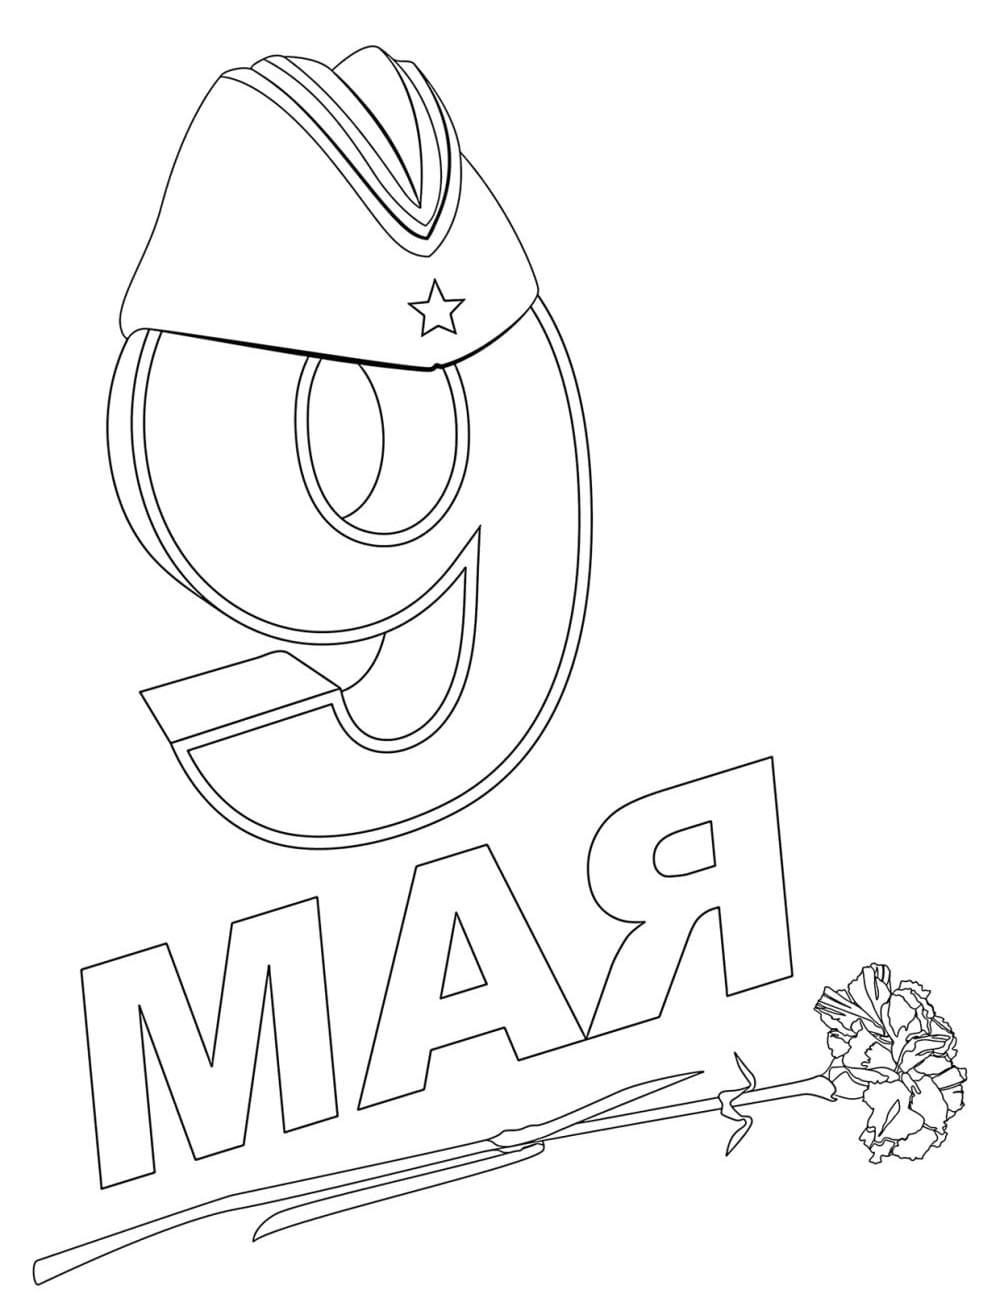 Раскраска Раскраски День Победы (9 мая)